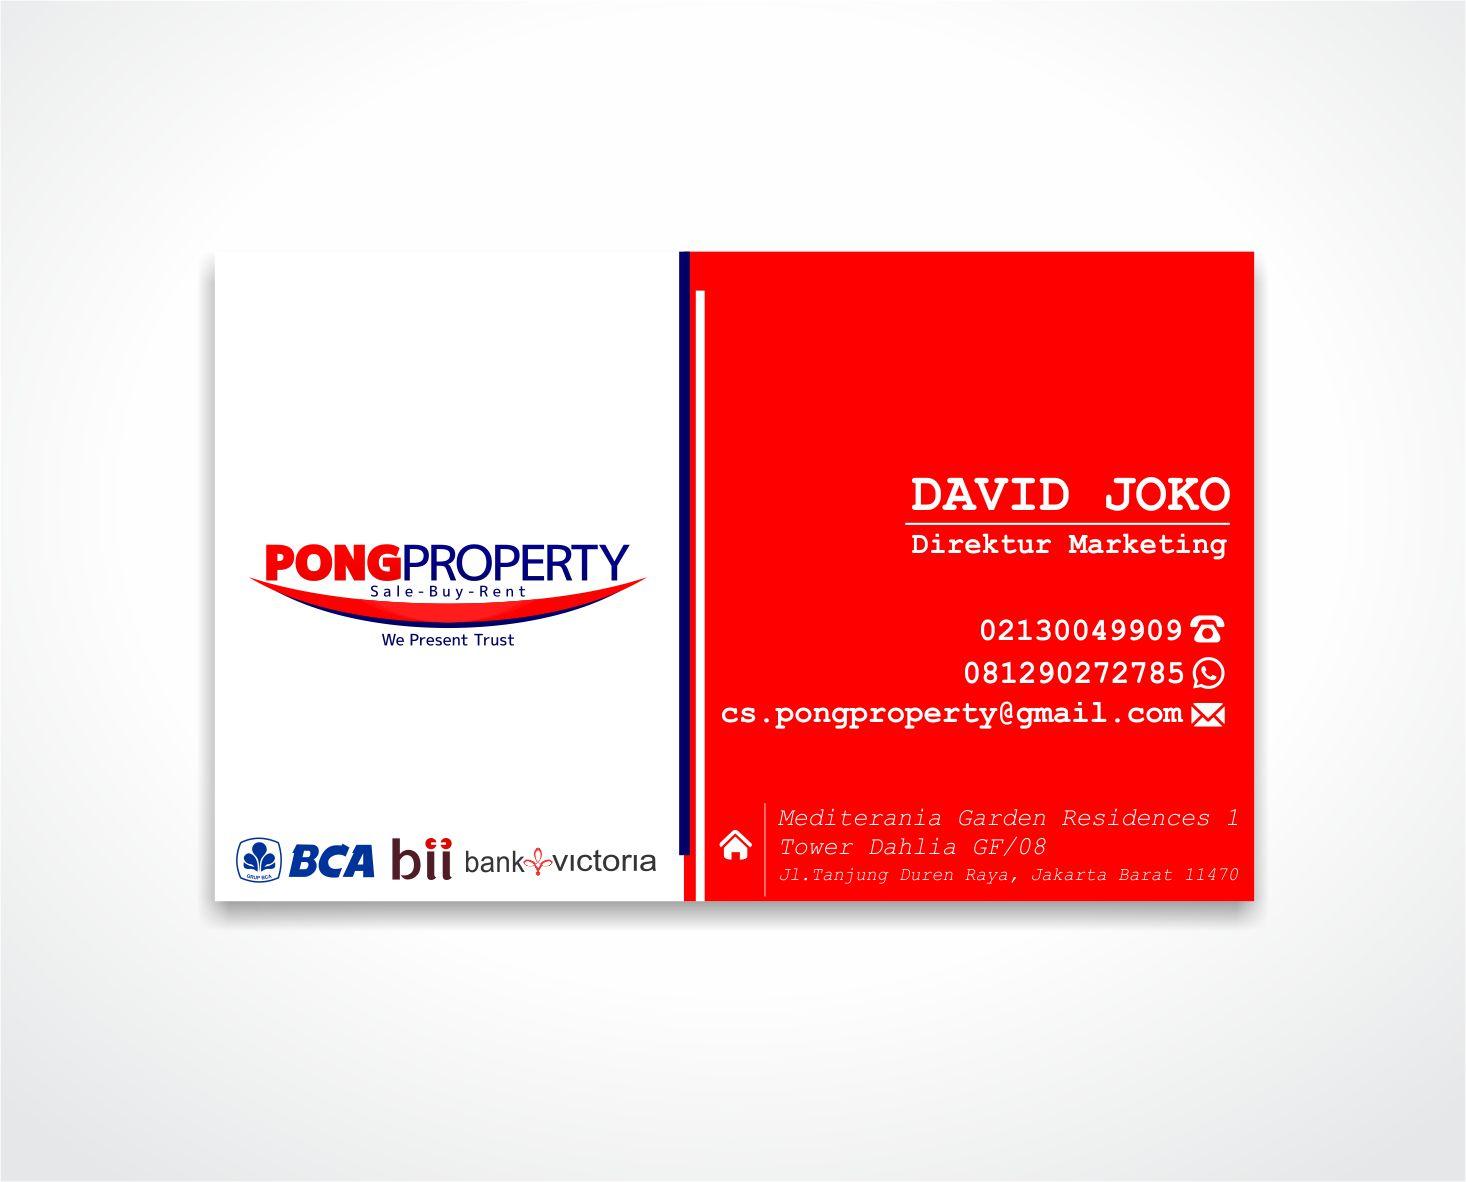 ATT_1453097726134_Pong Property - Business Card